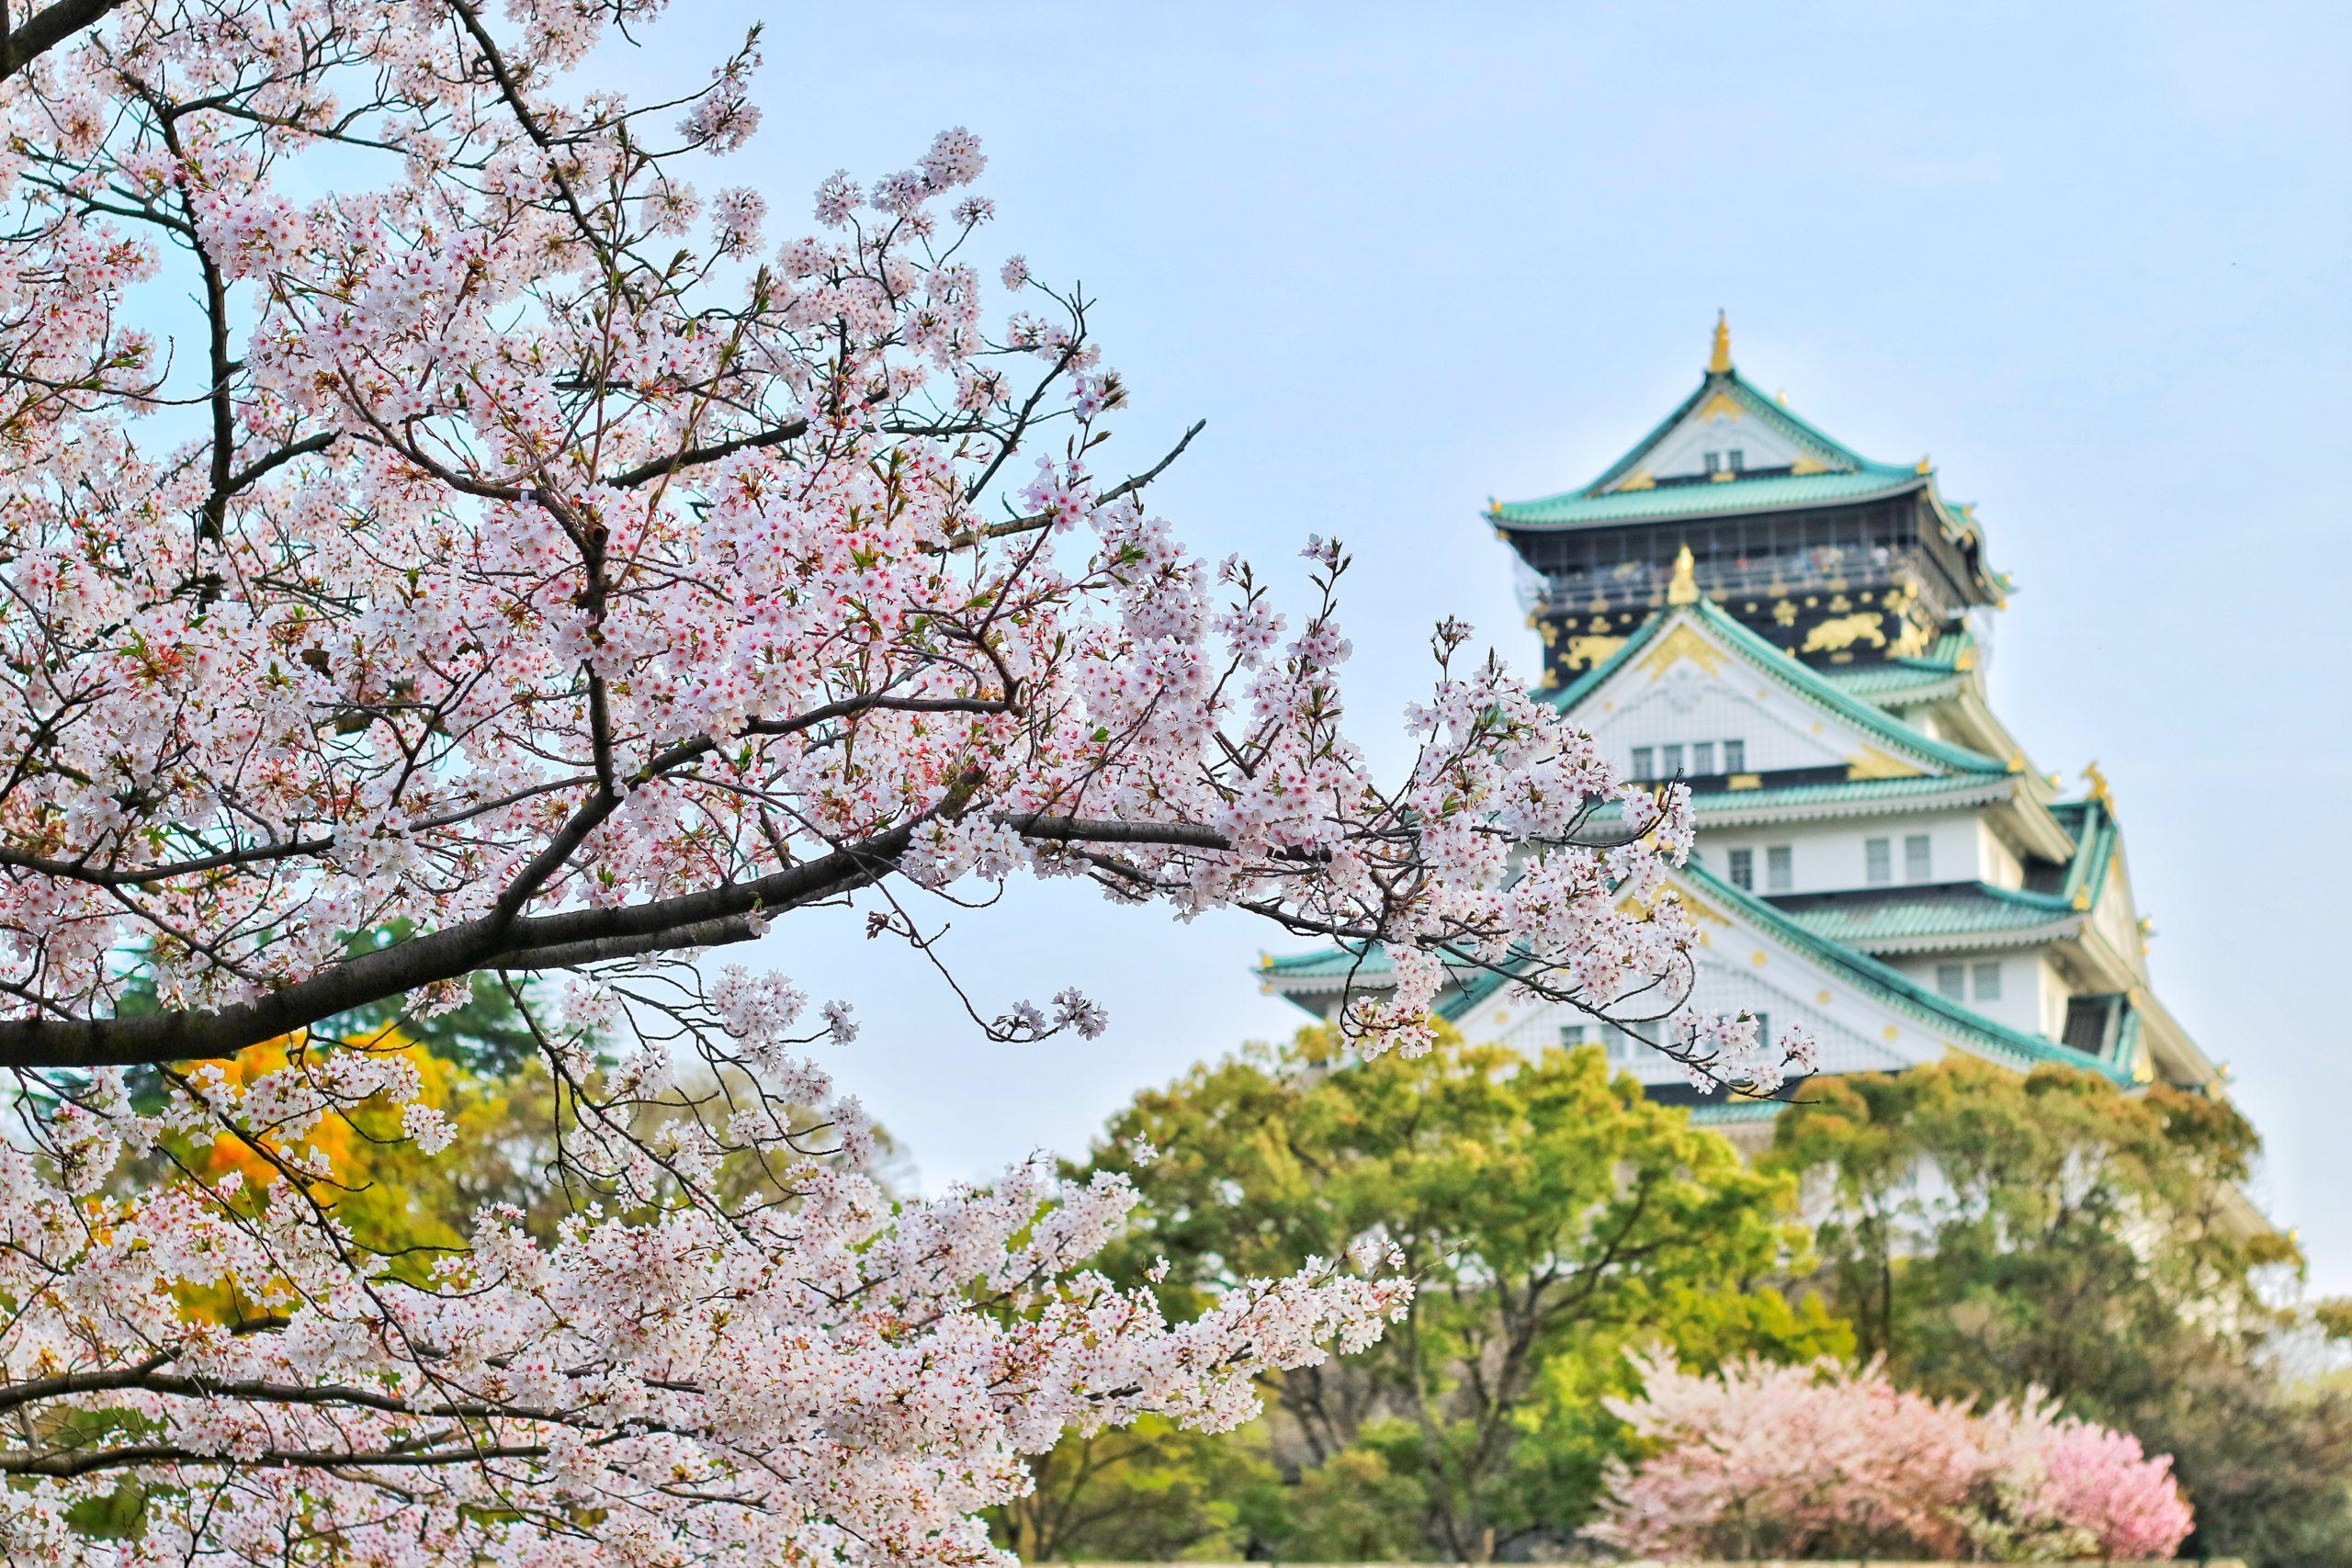 櫻花祭 (2021年3月15日 – 4月15日)